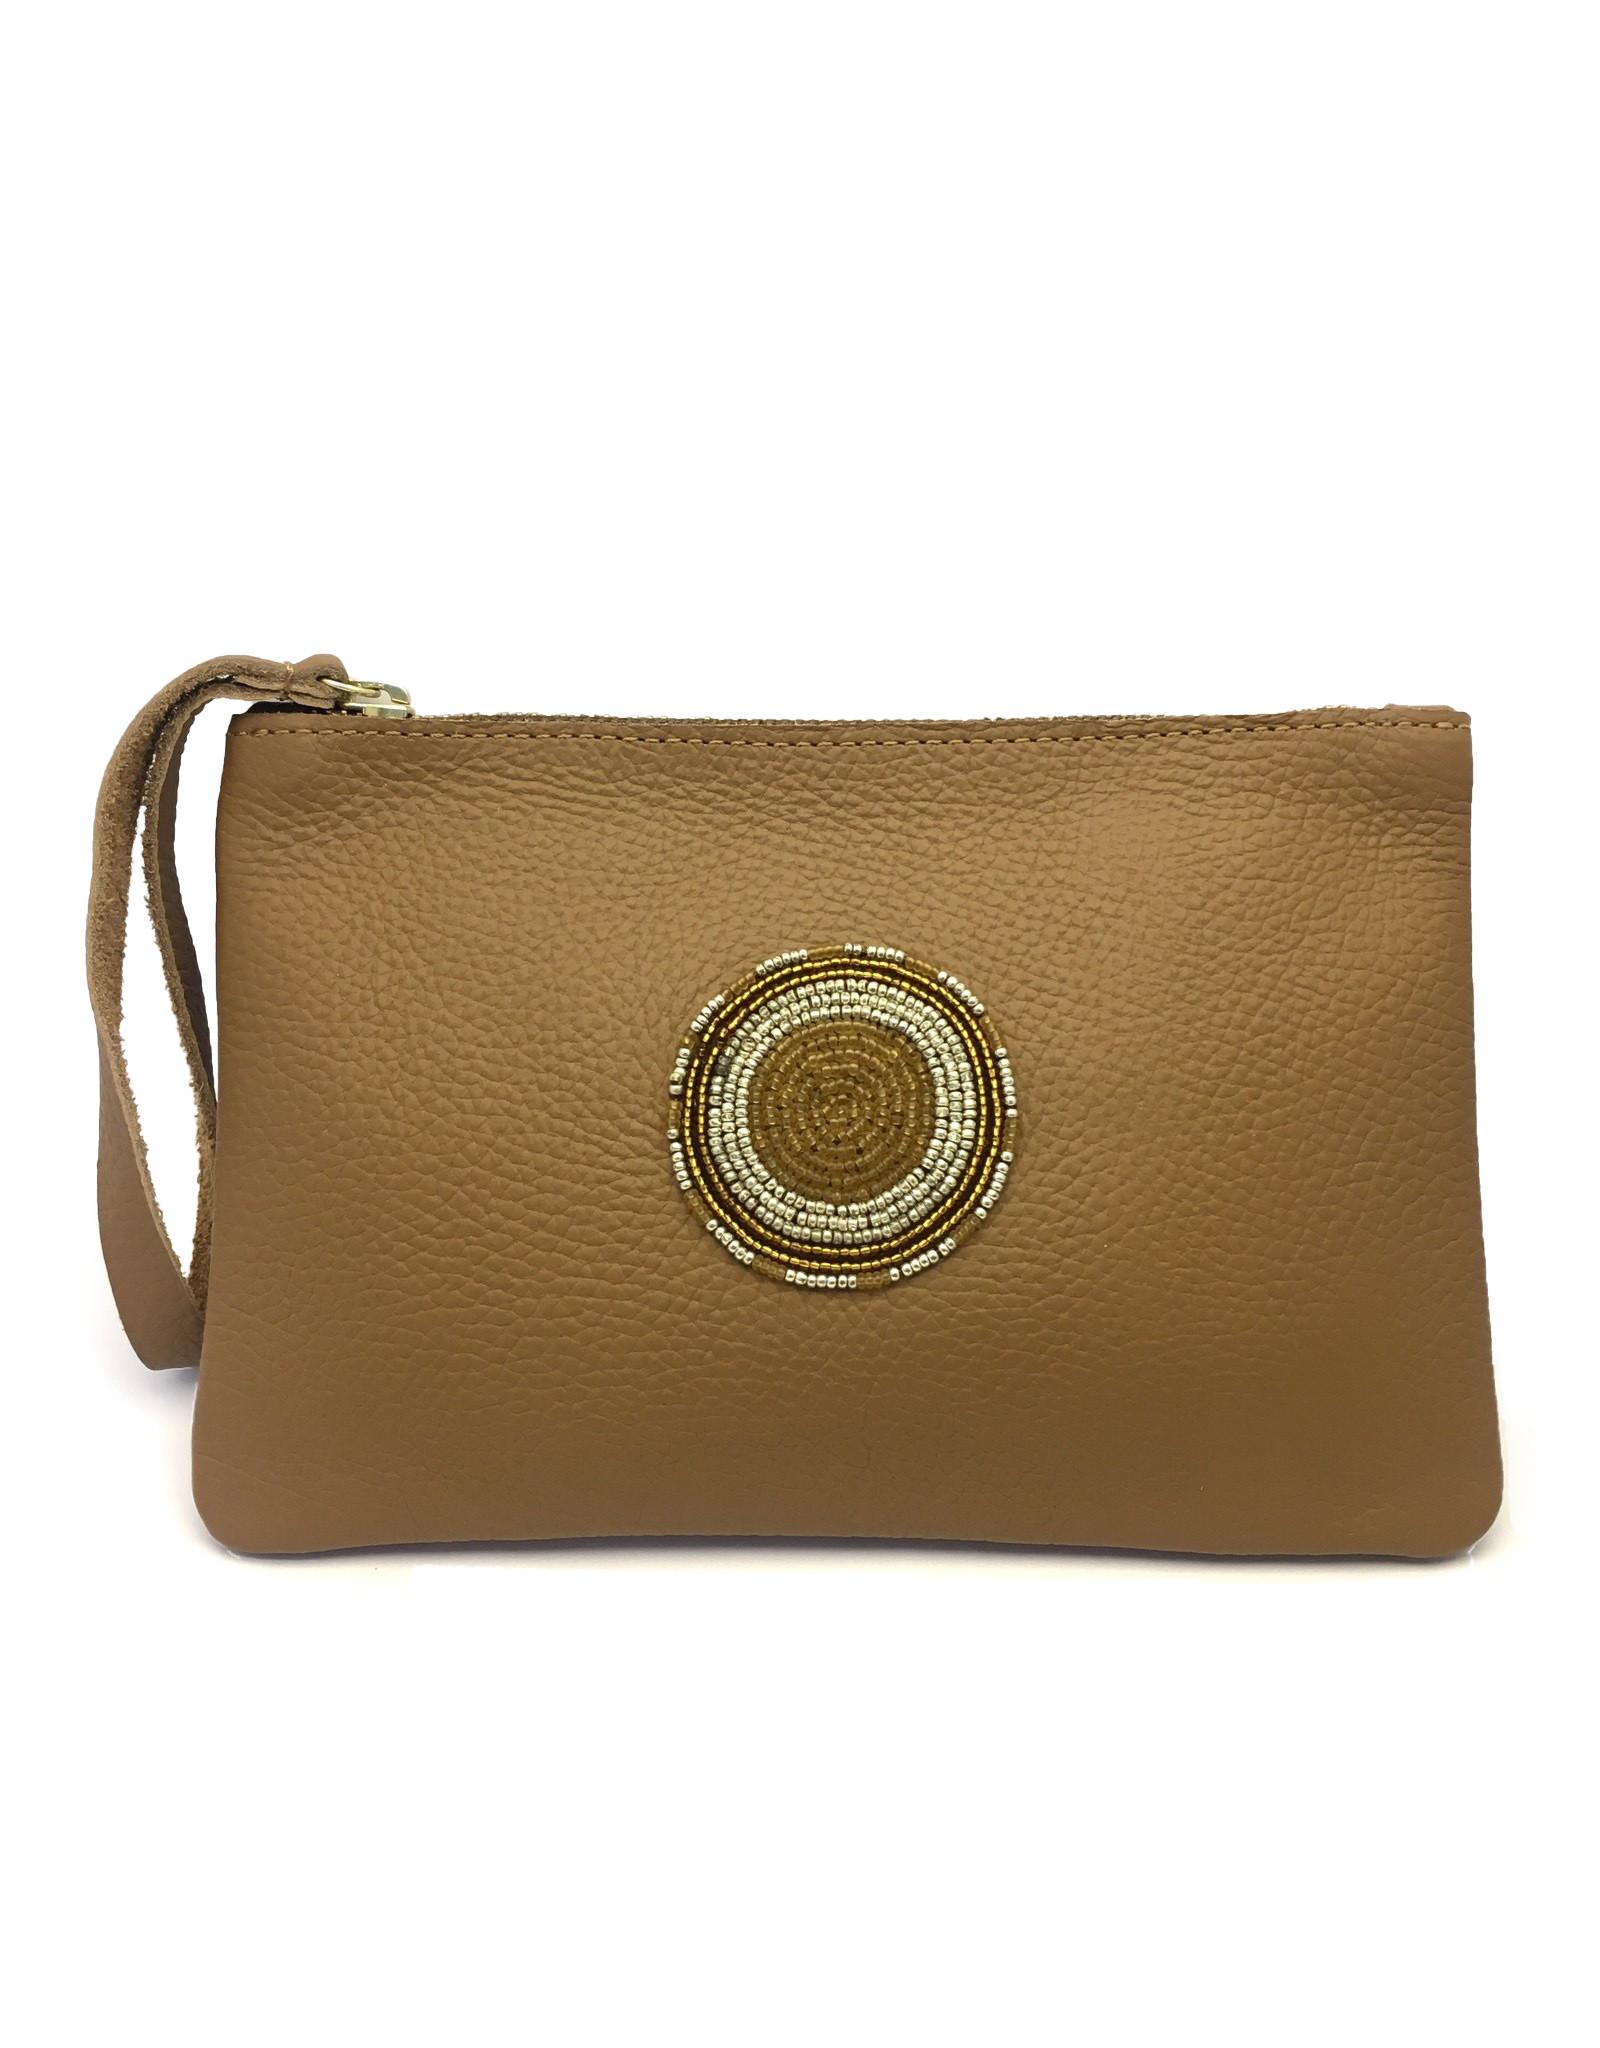 Maisha.Style Laikipia purse - tan leather purse with tone on tone beads